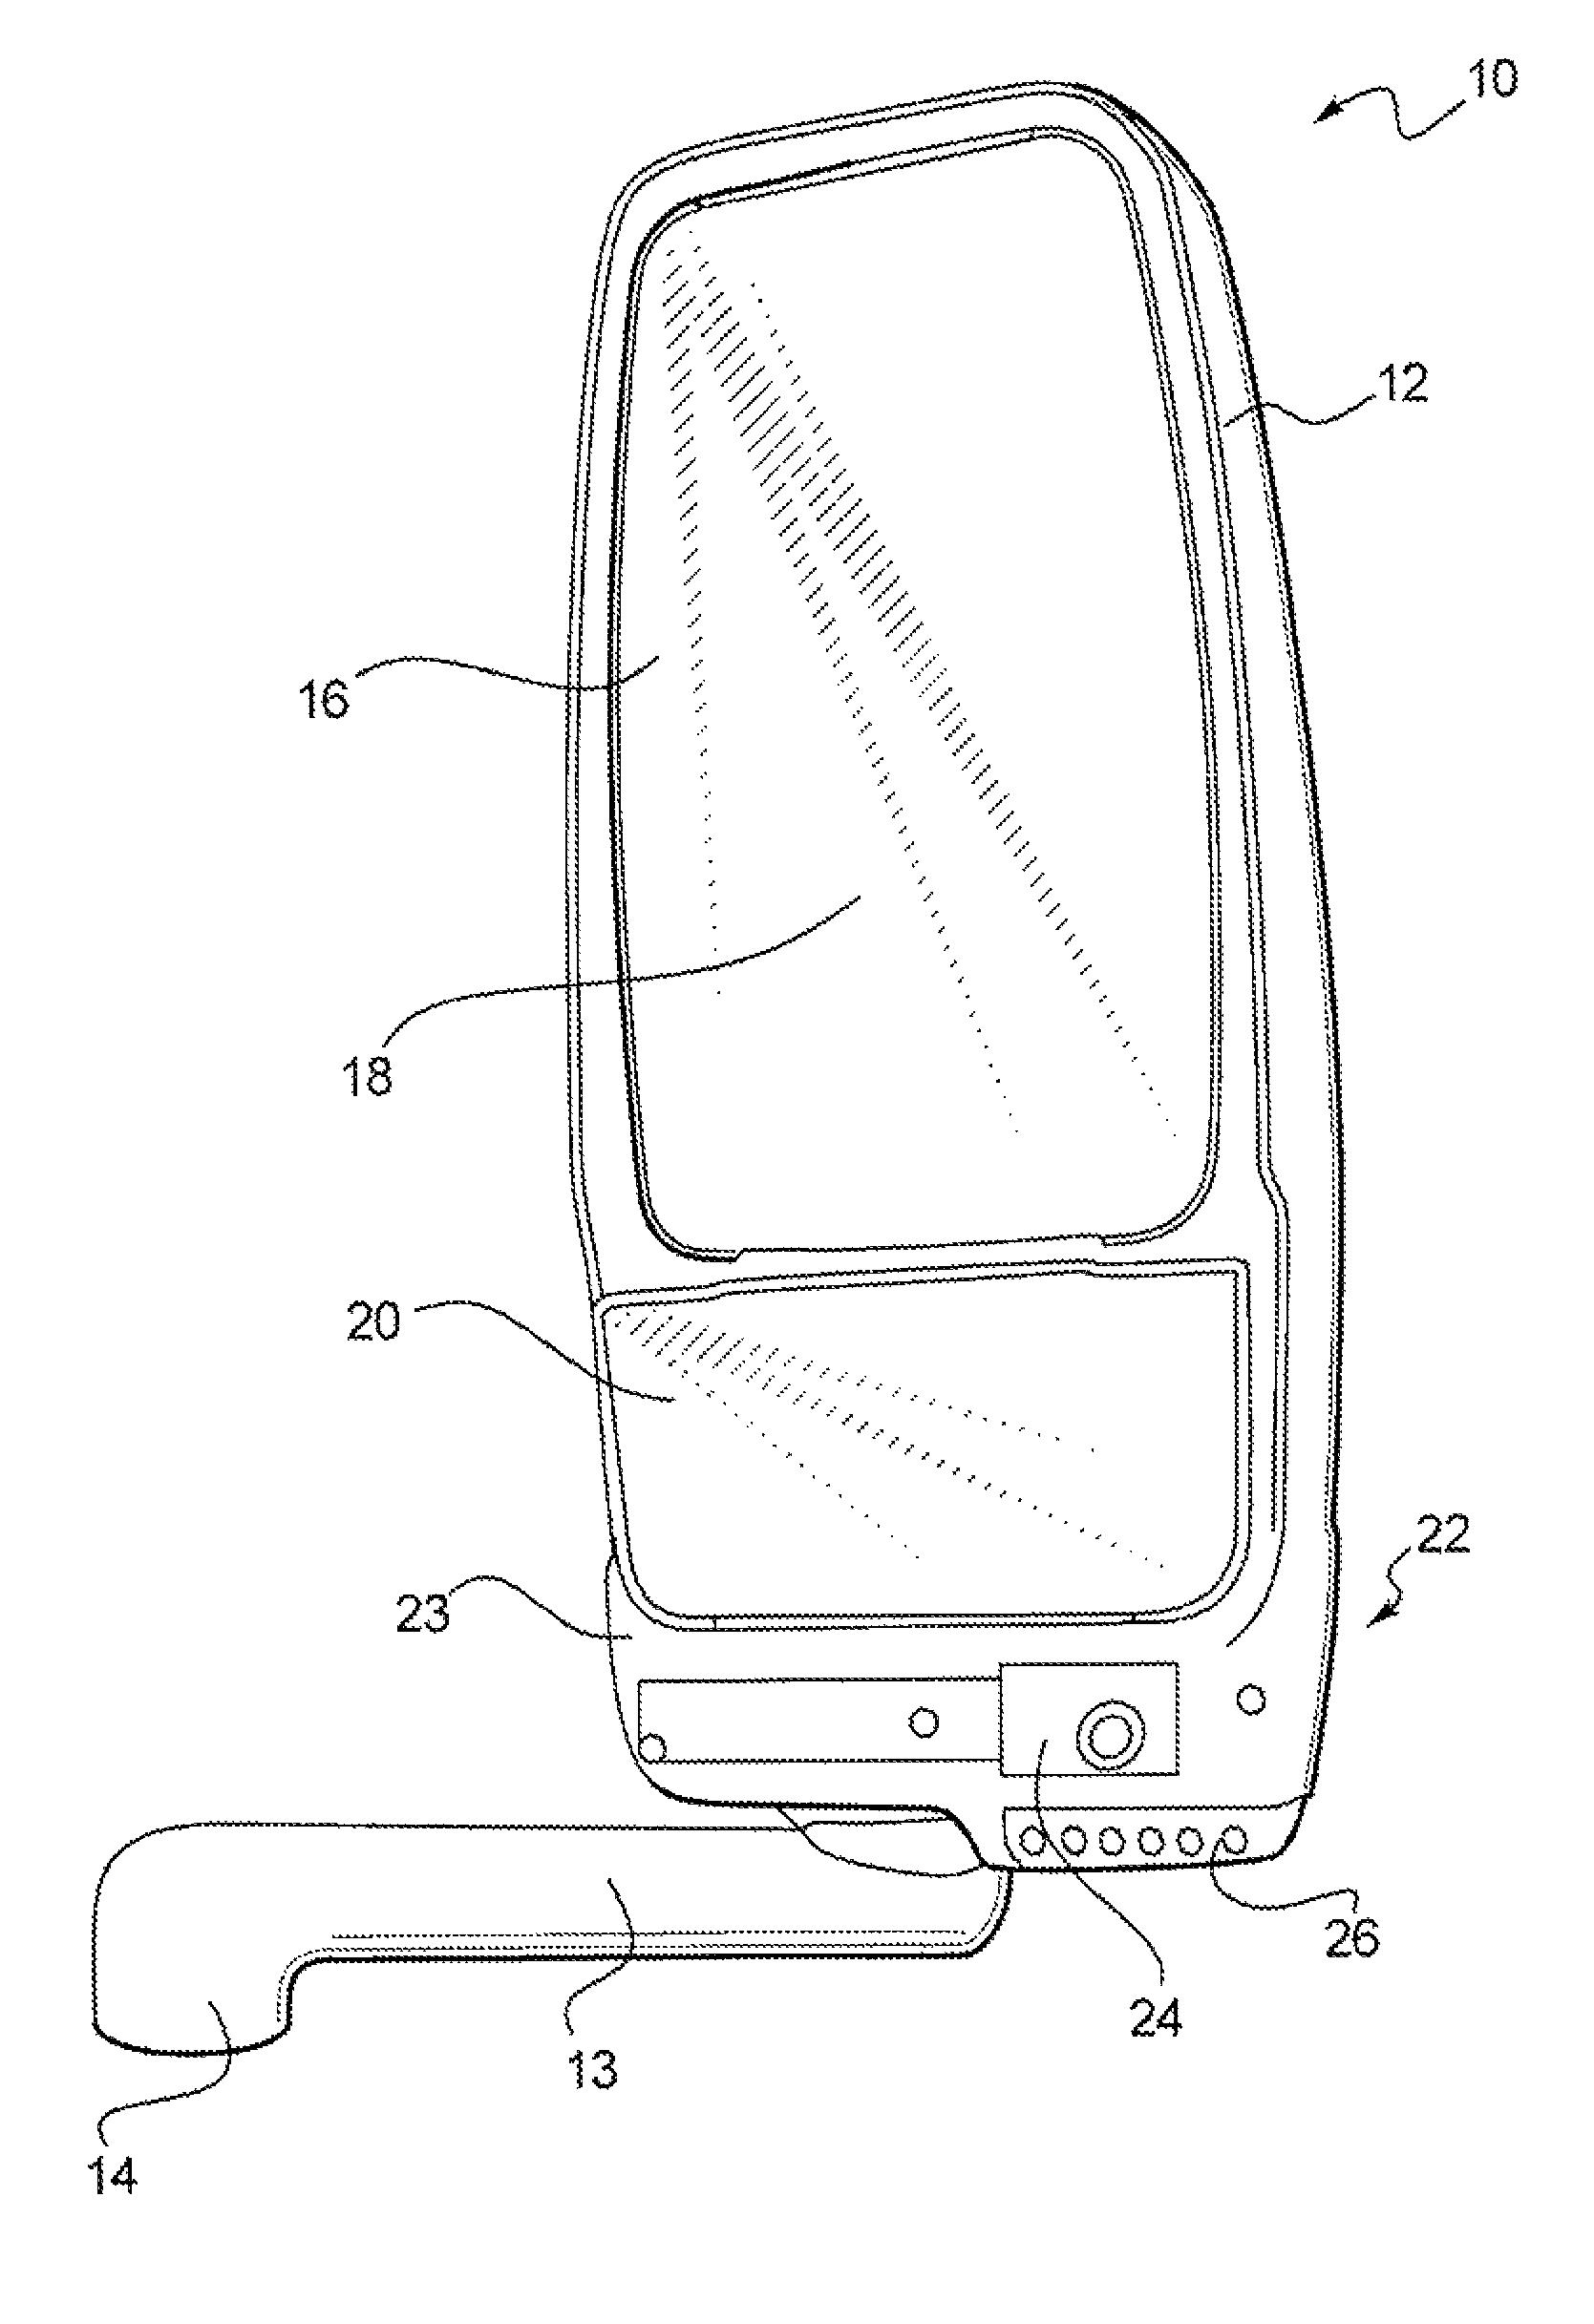 Onan Parts Diagrams Wiring Diagram And Fuse Box